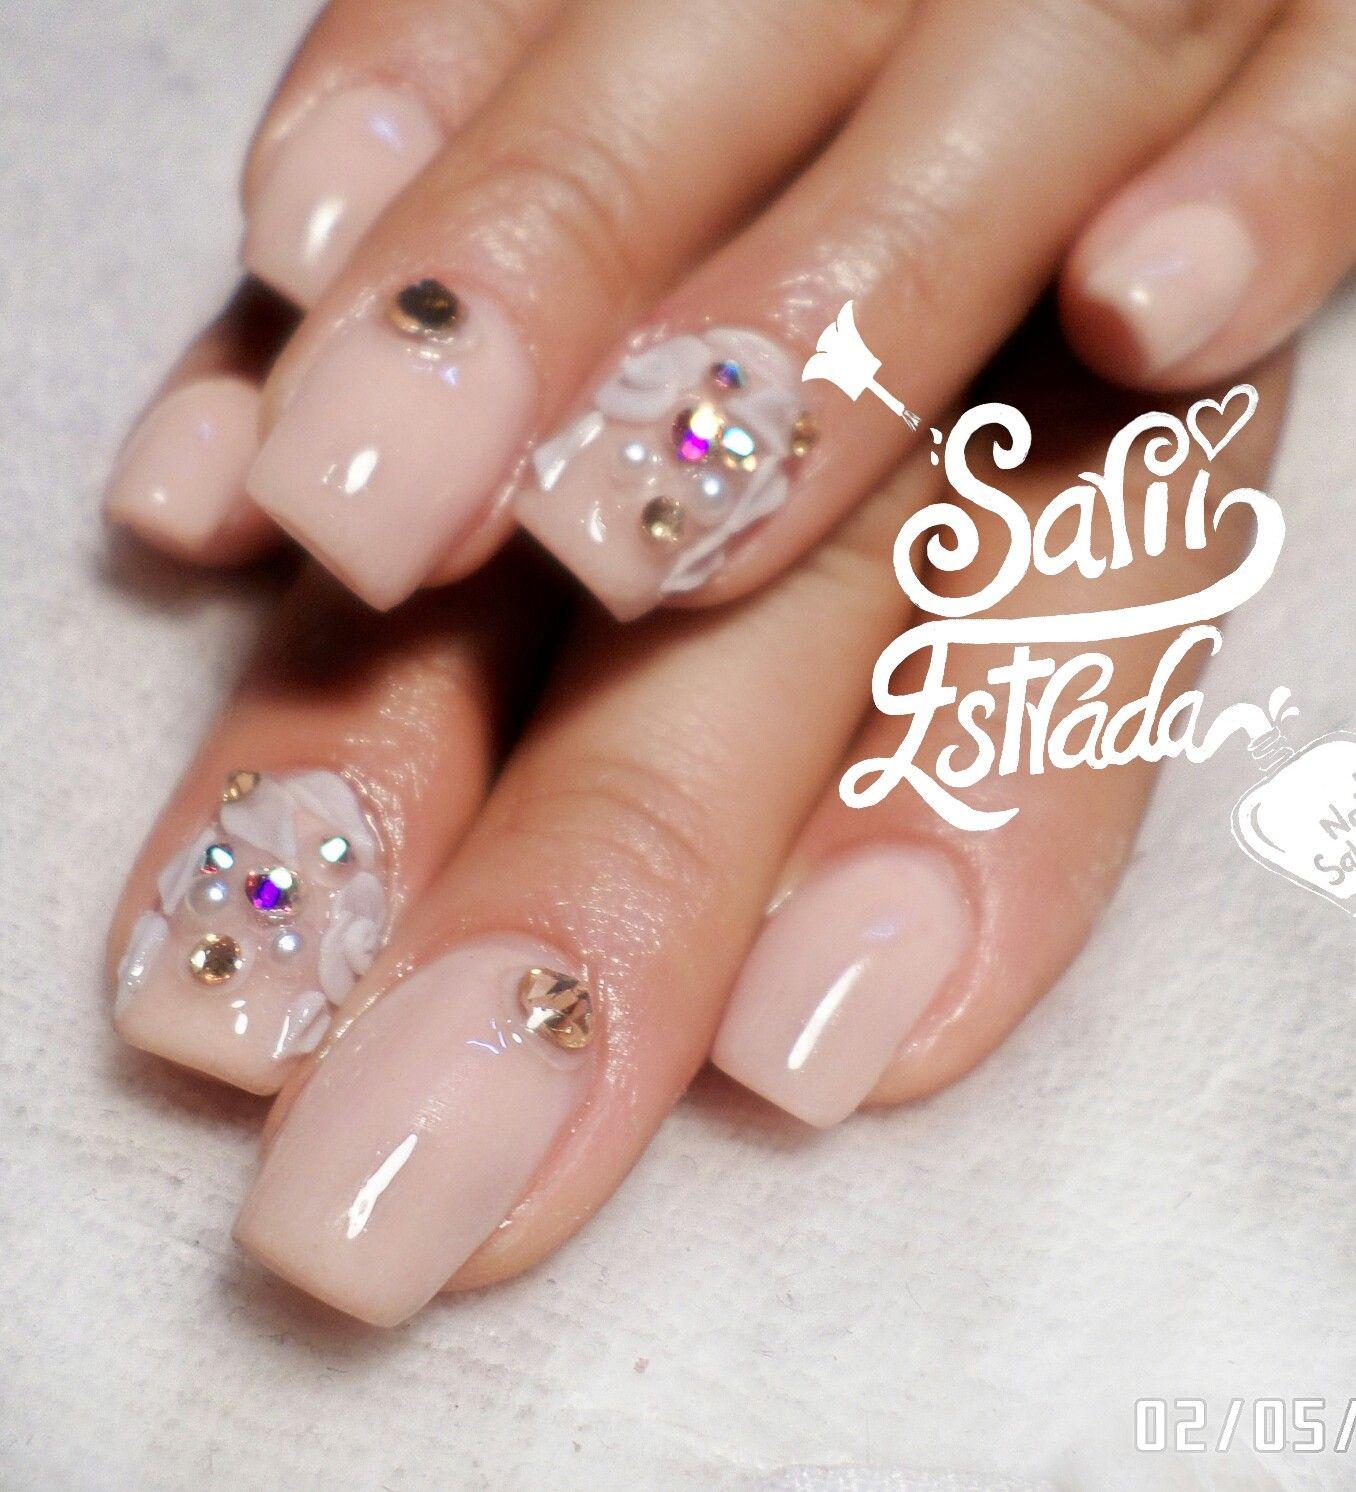 $230.   Uñas acrílicas Esculturales. Punta cuadrada. Nude beige. 3D flores blancas. Swarovski. Organic Nails. Desing by Sarii Estrada